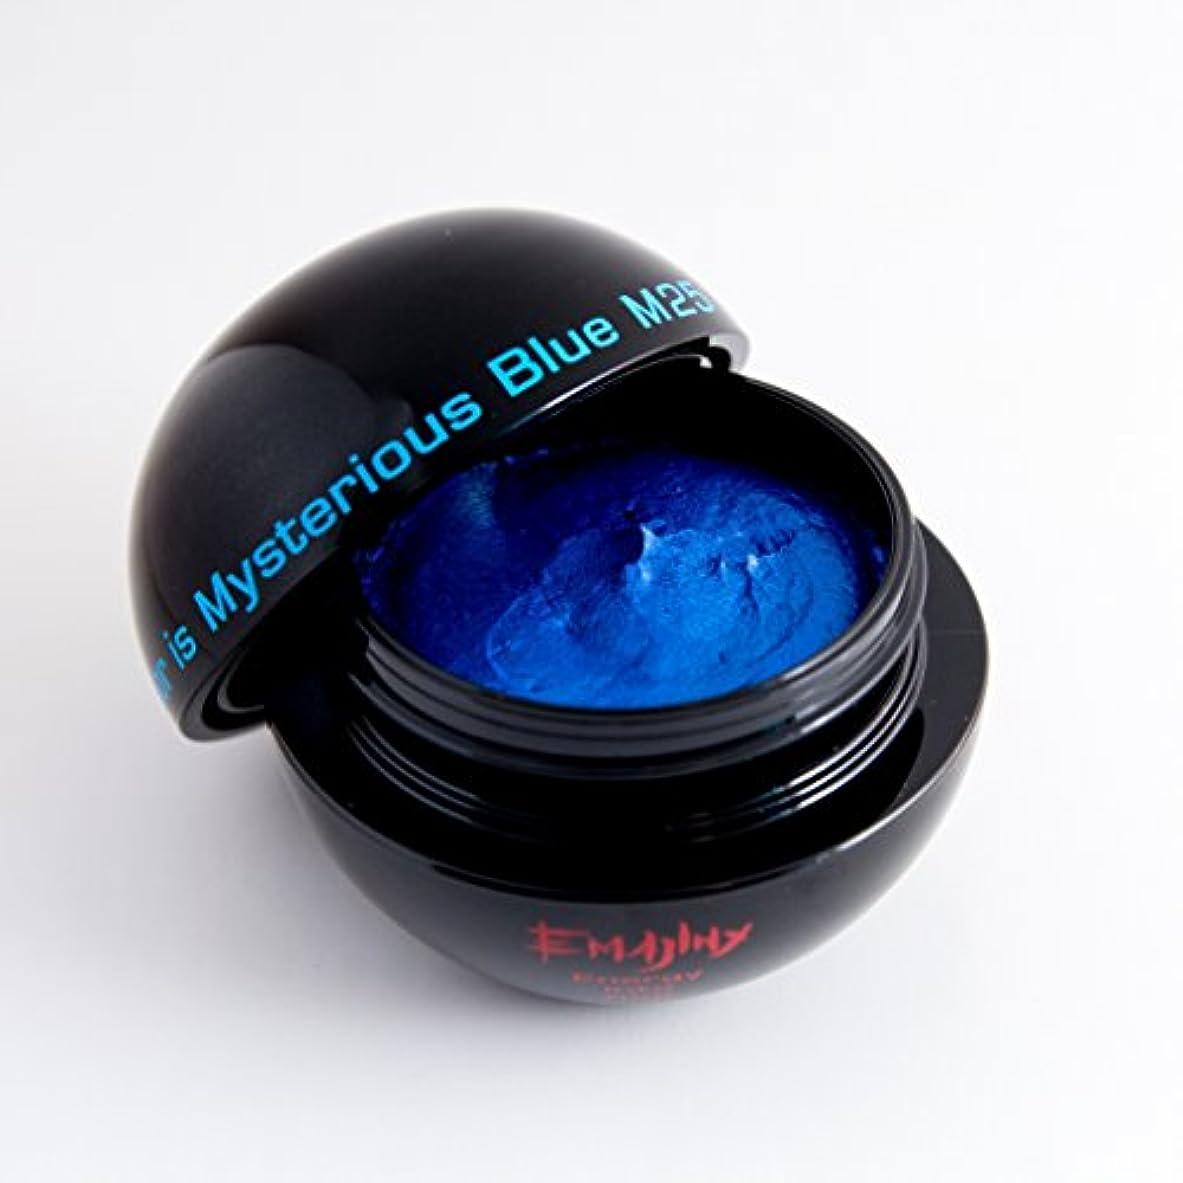 軽蔑する請求可能敬意を表するEMAJINY Mysterious Blue M25(ブルーヘアカラーワックス)青【日本製】【無香料】